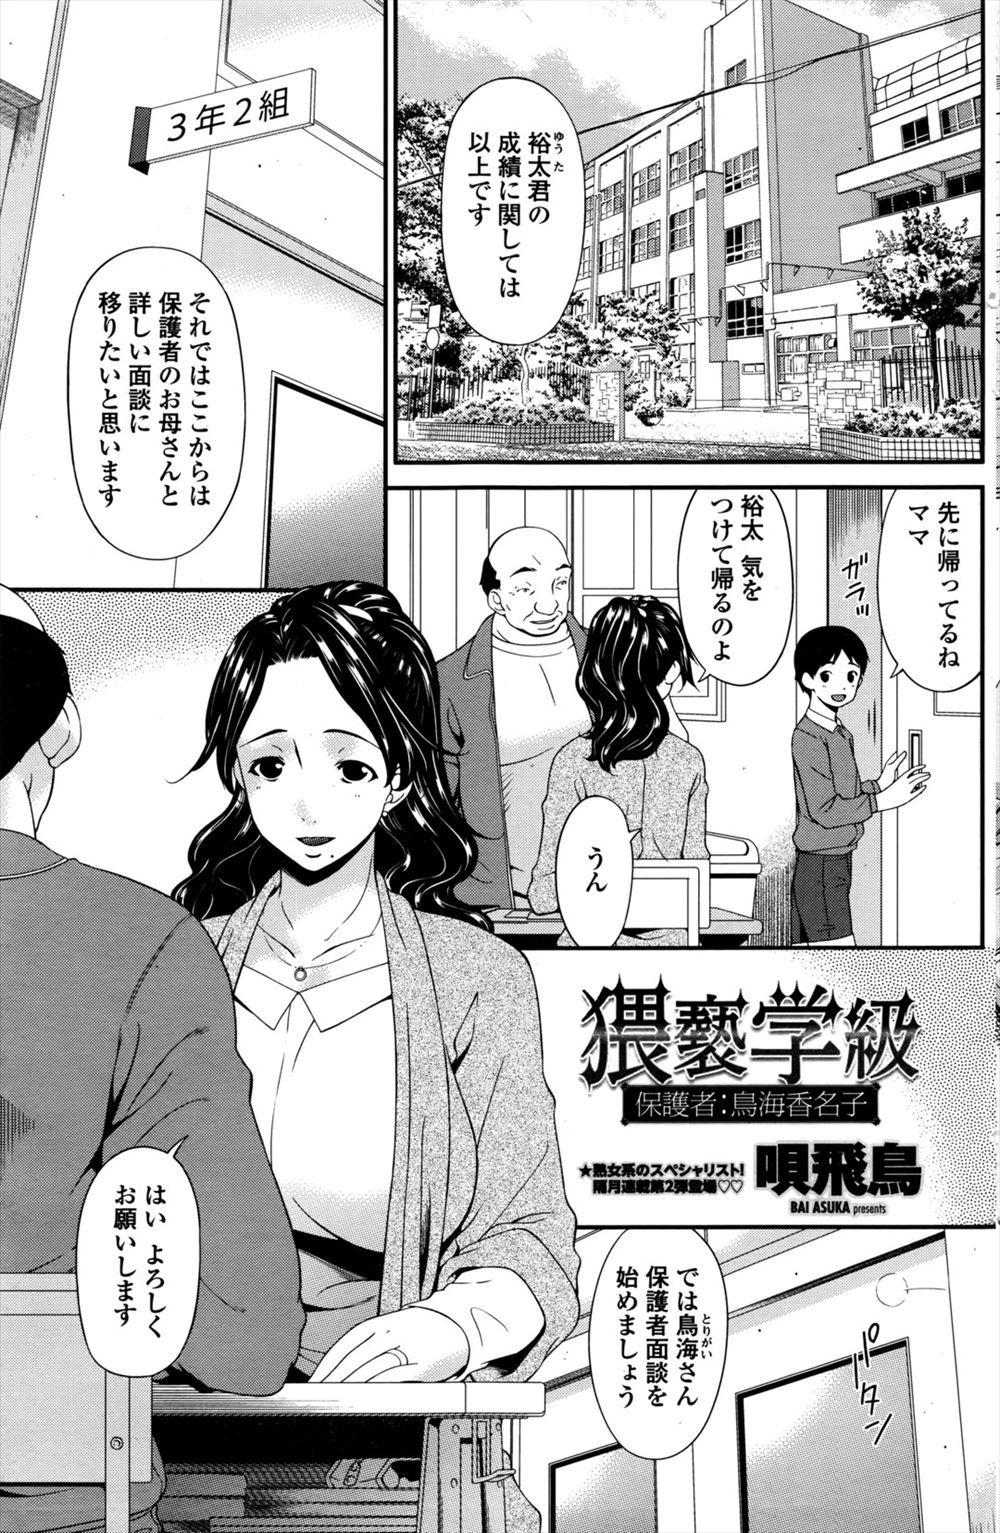 【エロ同人・エロ漫画】息子の担任に薬を盛られ完全にセックス漬けにされてしまう母親www